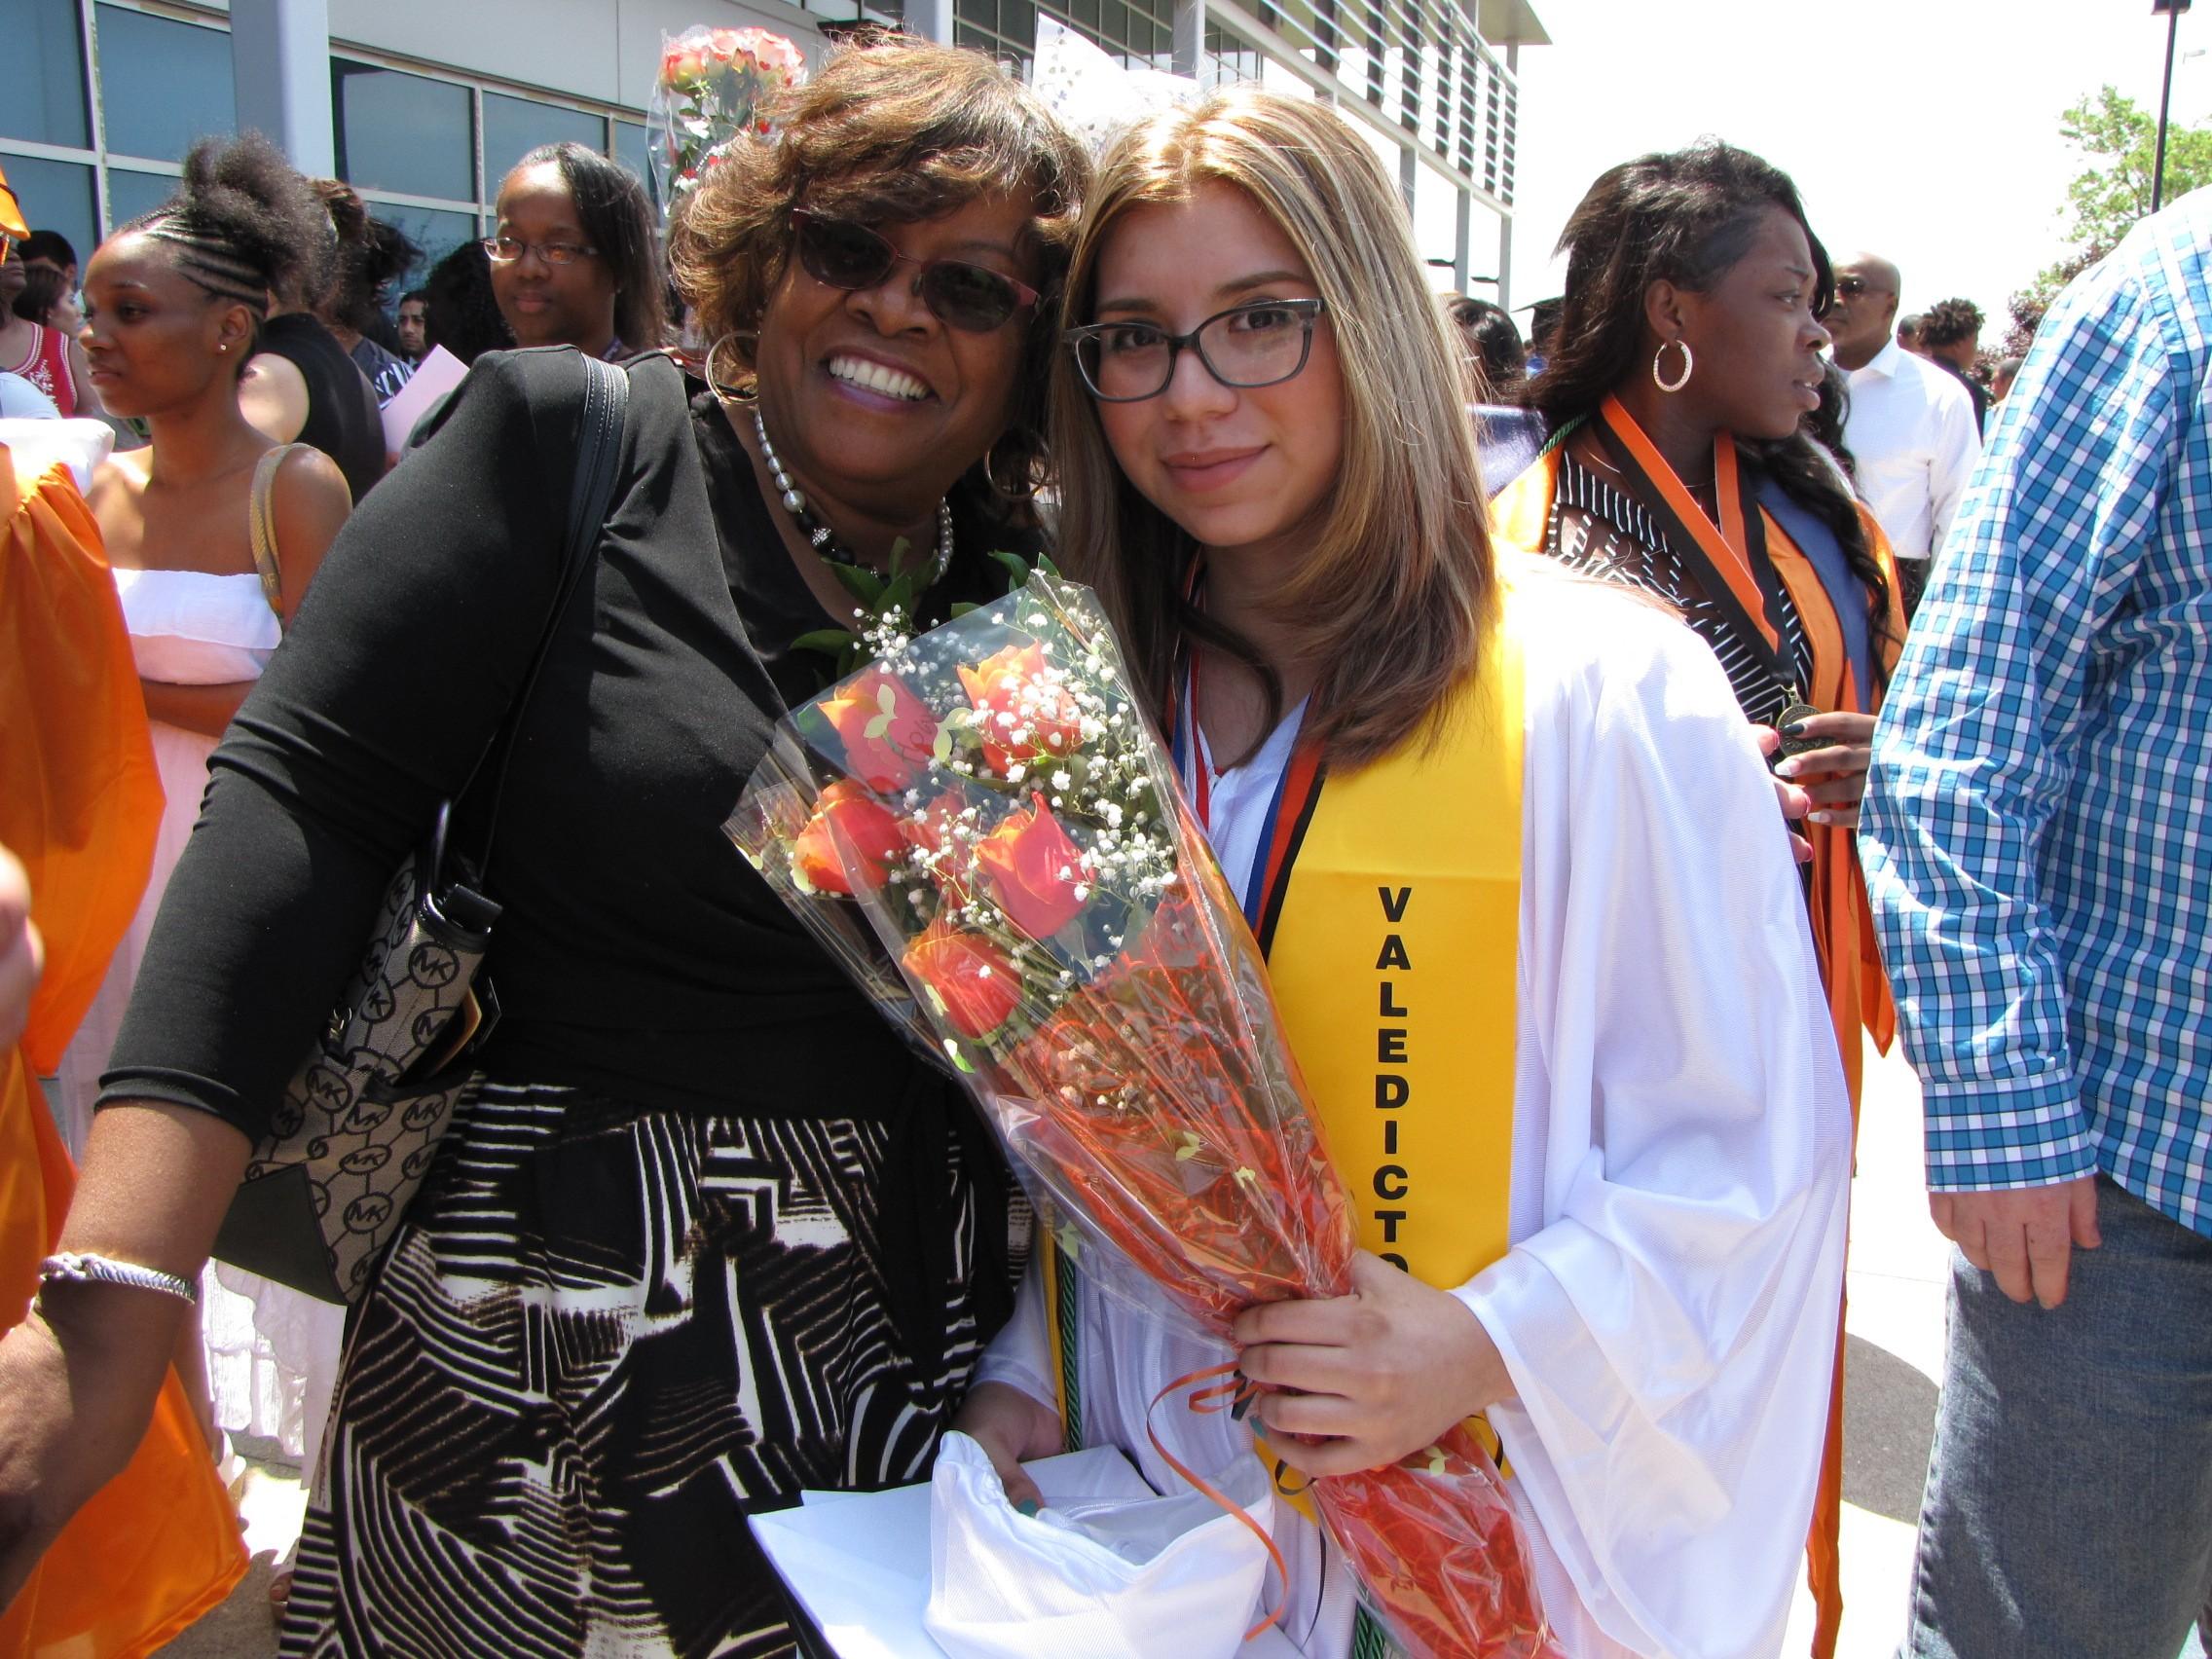 Teen Mother in Options Program Is Valedictorian